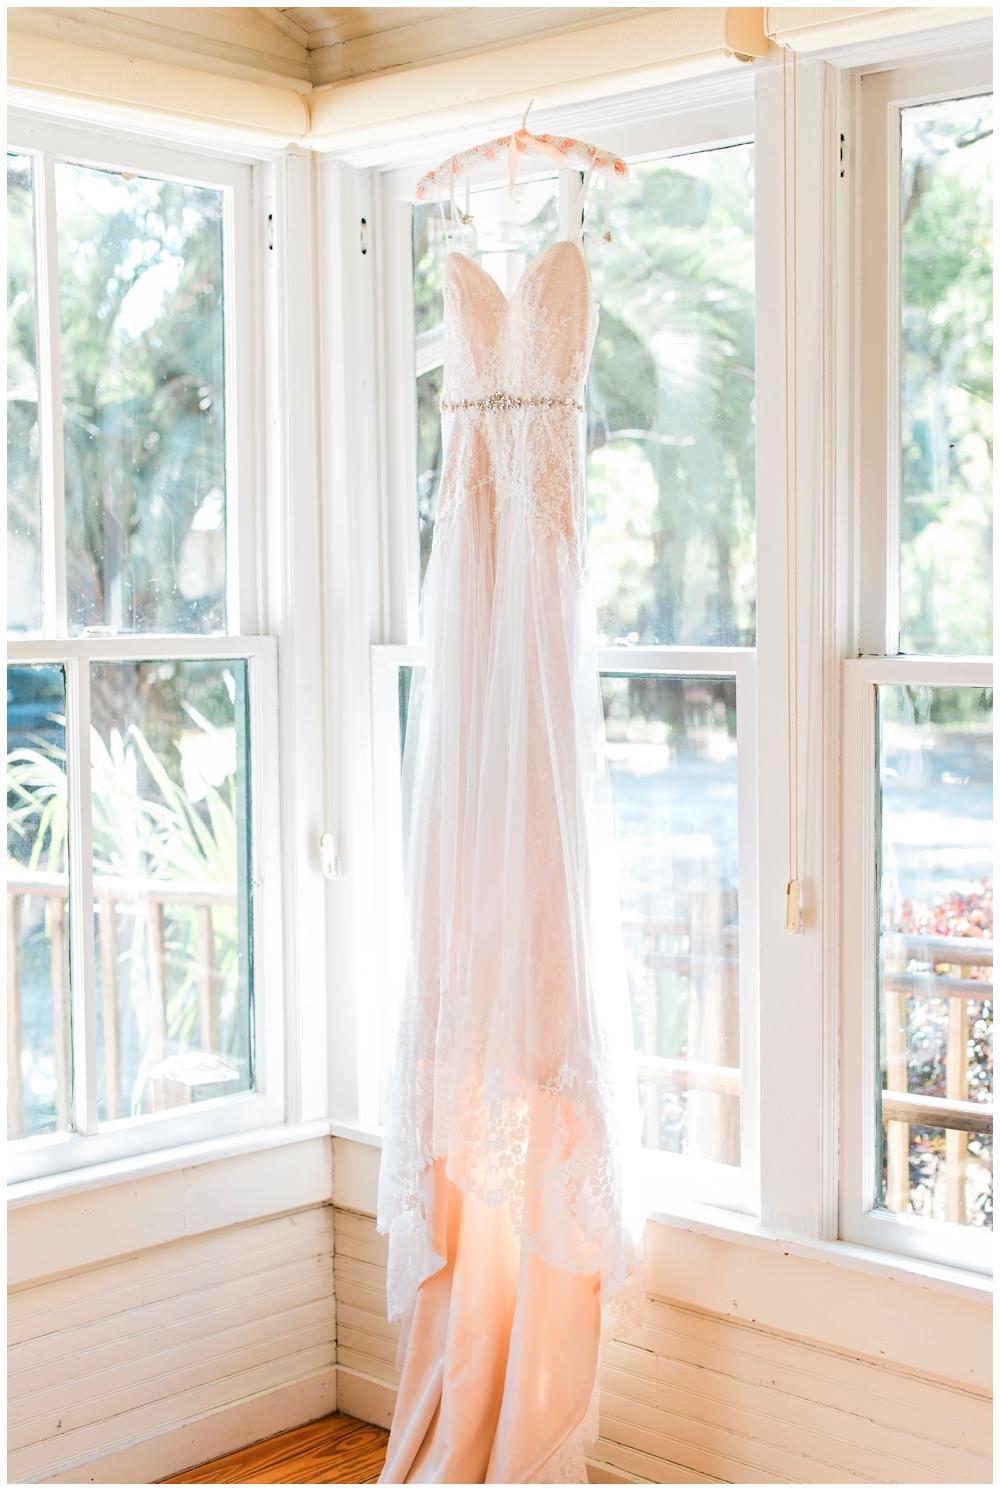 Jacksonville_Wedding_Venue_The_Glen_1291.jpg